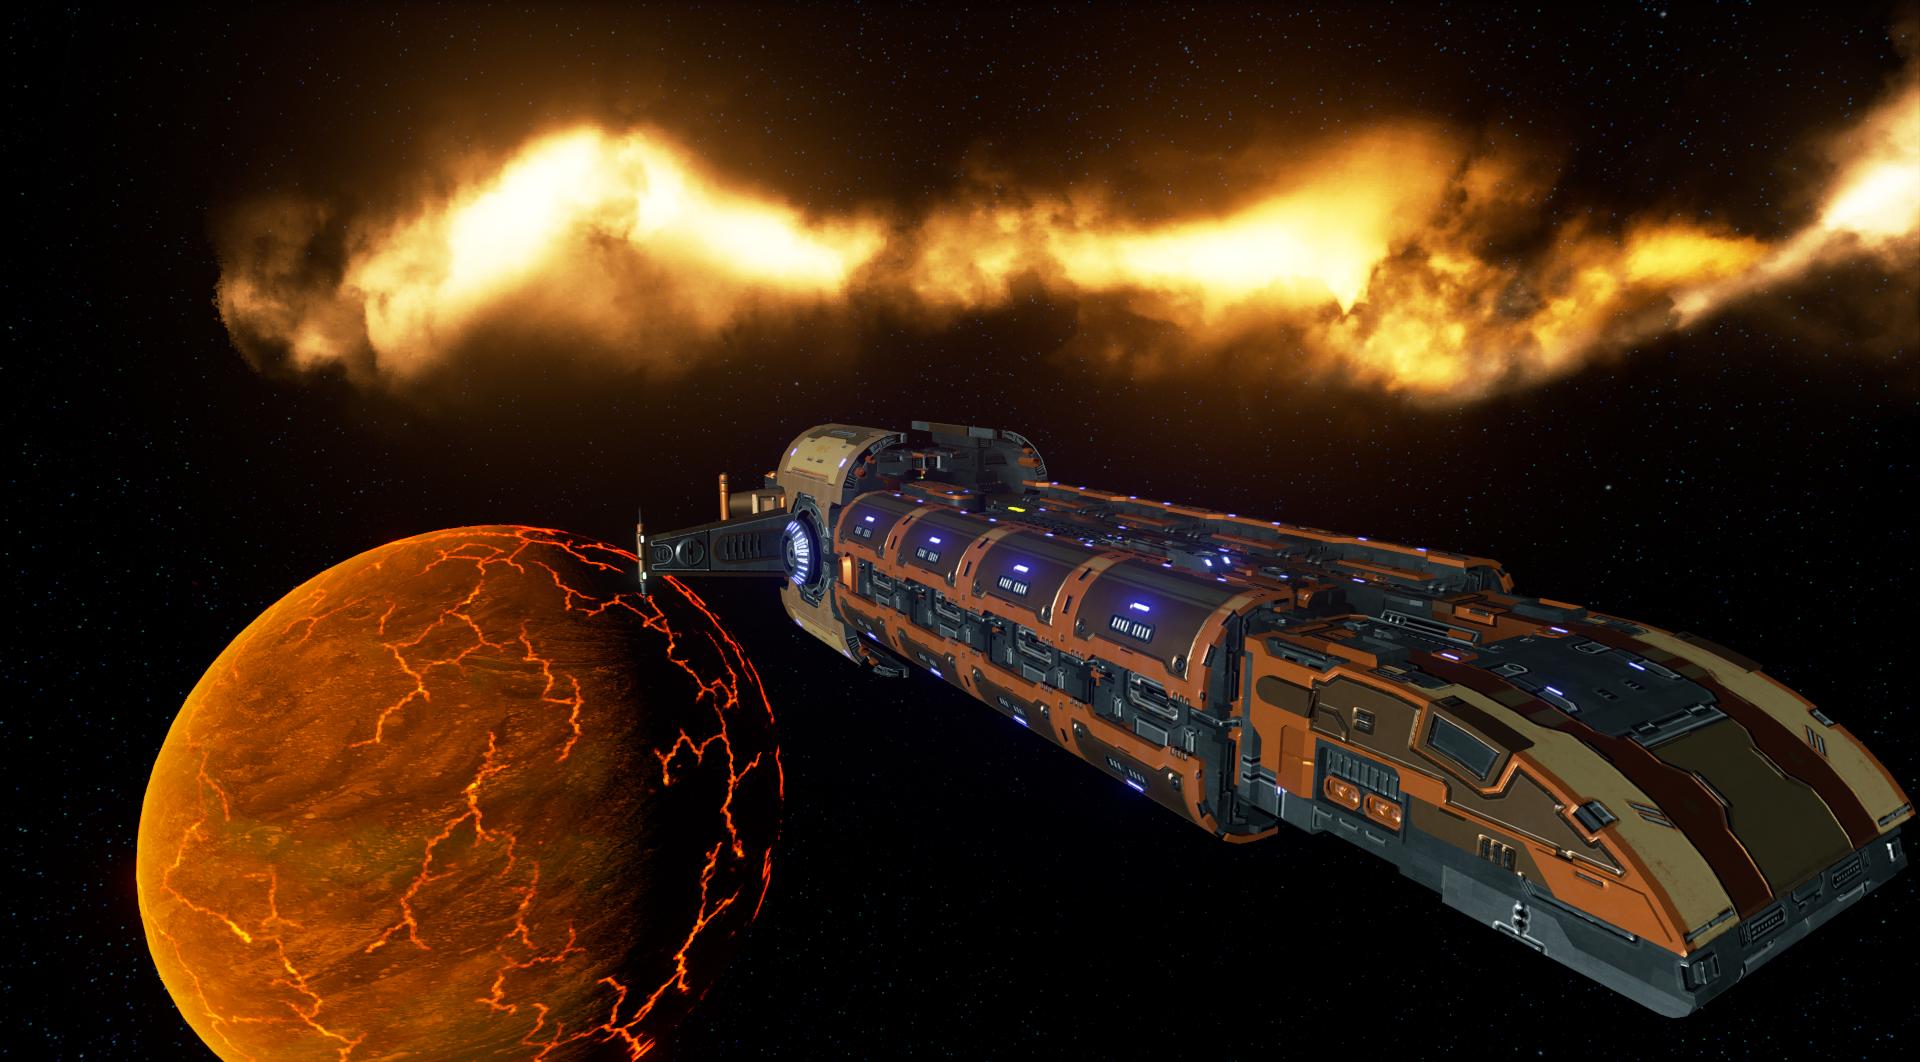 Как правильно покрасить космический корабль - Изображение 2